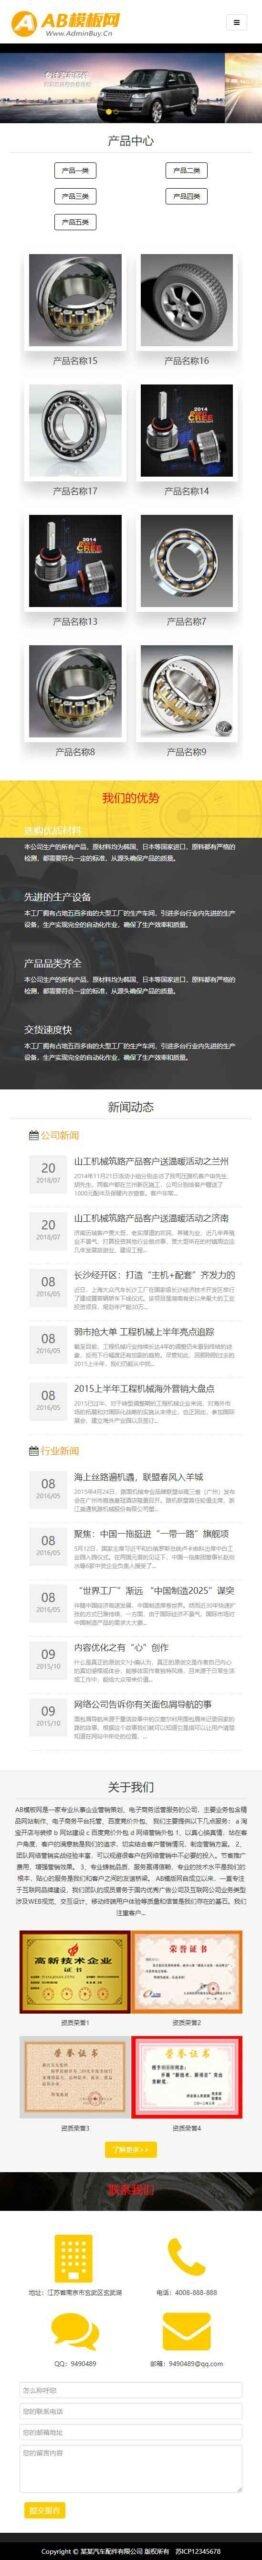 鹤云资源博客-汽车用品配件企业网站织梦dede模板源码[自适应手机版]插图1